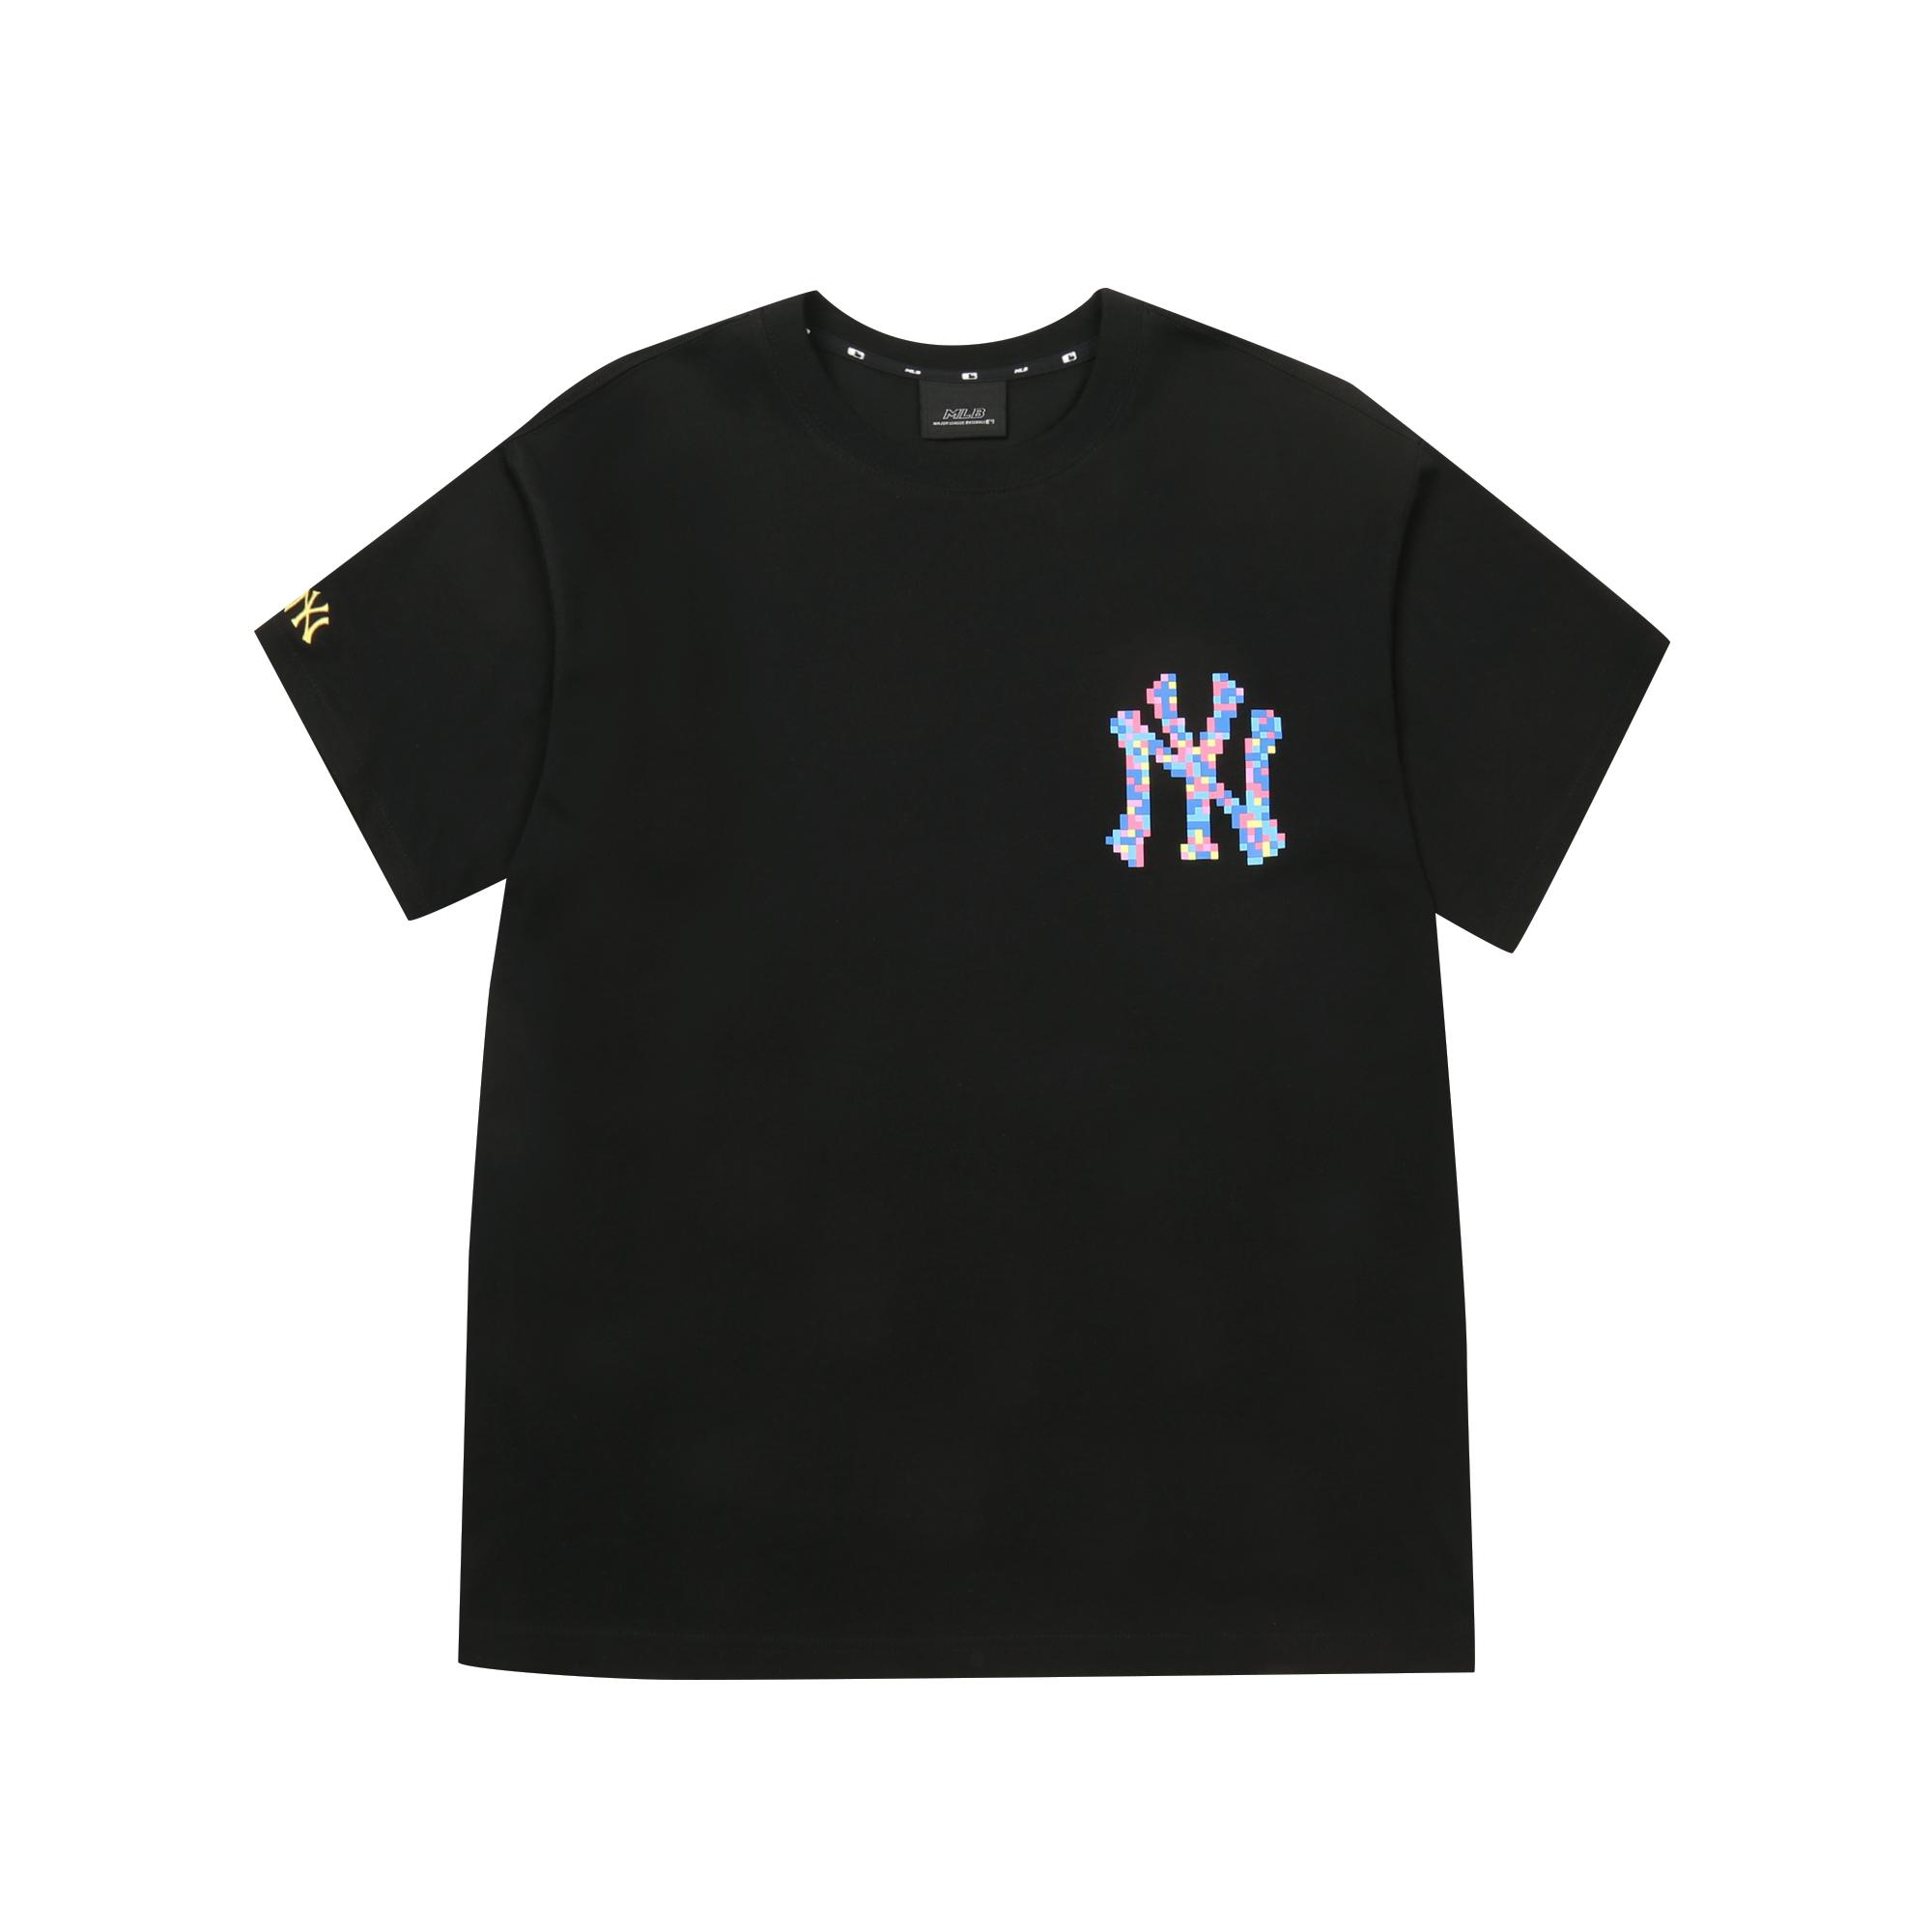 PLAY 픽셀 로고 오버핏 반팔 티셔츠 뉴욕양키스